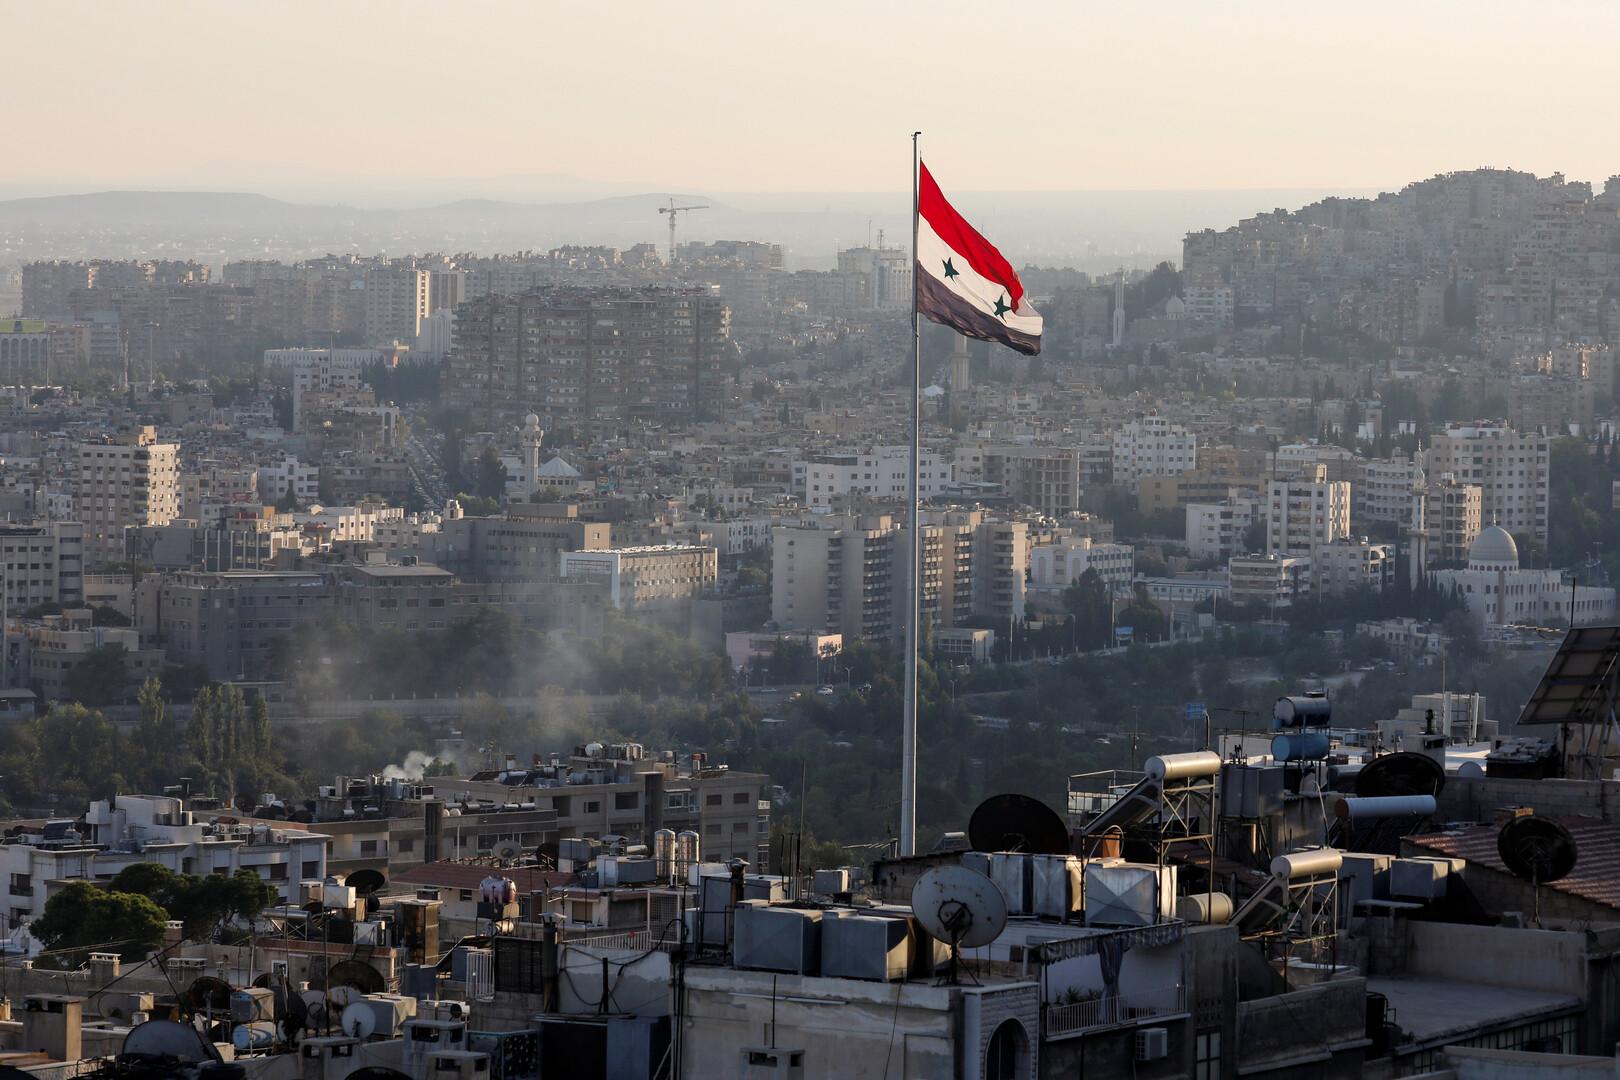 مستشارة الأسد: الاتفاق الأمريكي التركي غامض وأردوغان معتد ينشر فكر